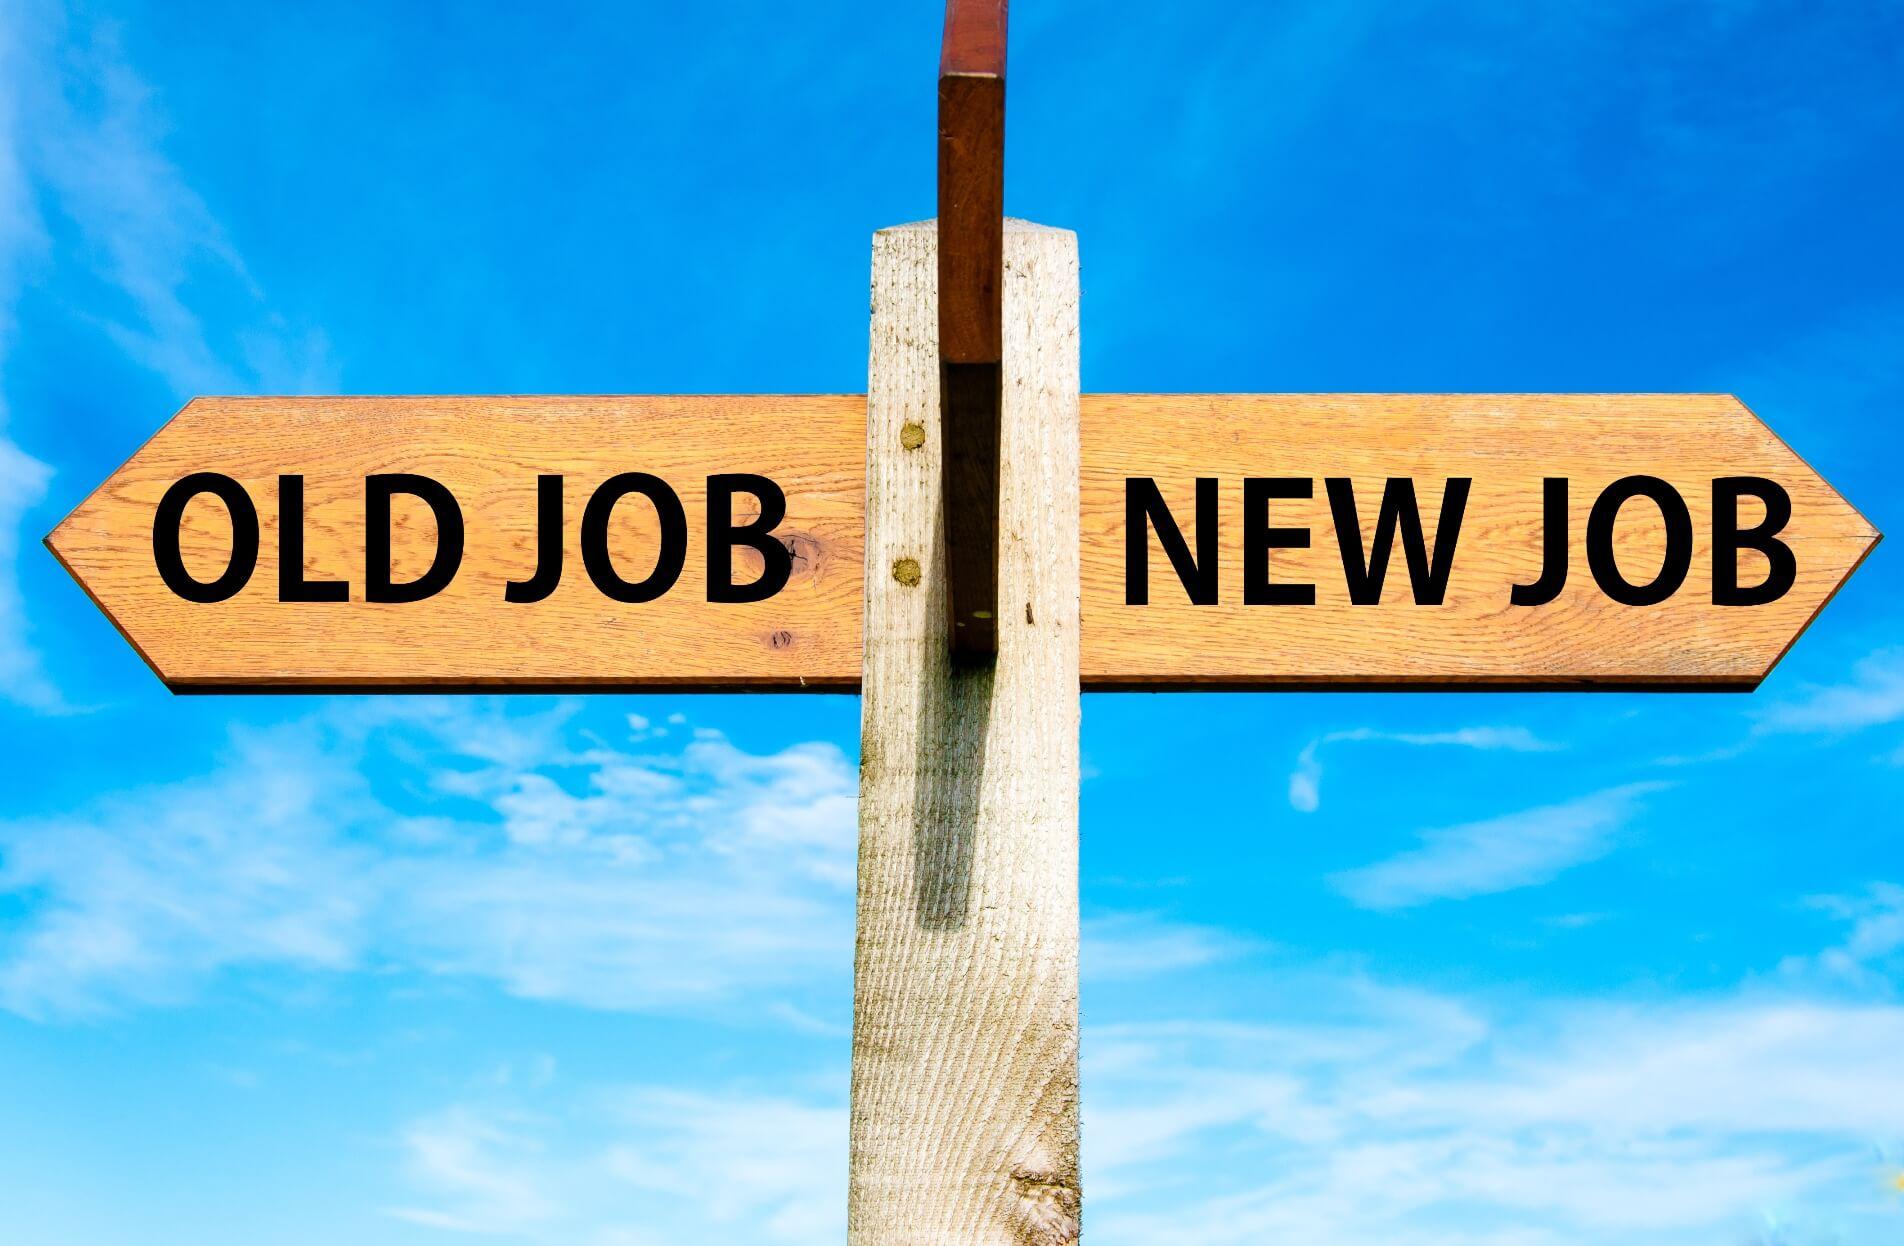 転職回数が多いと転職活動で不利になる?経理・会計の転職回数について